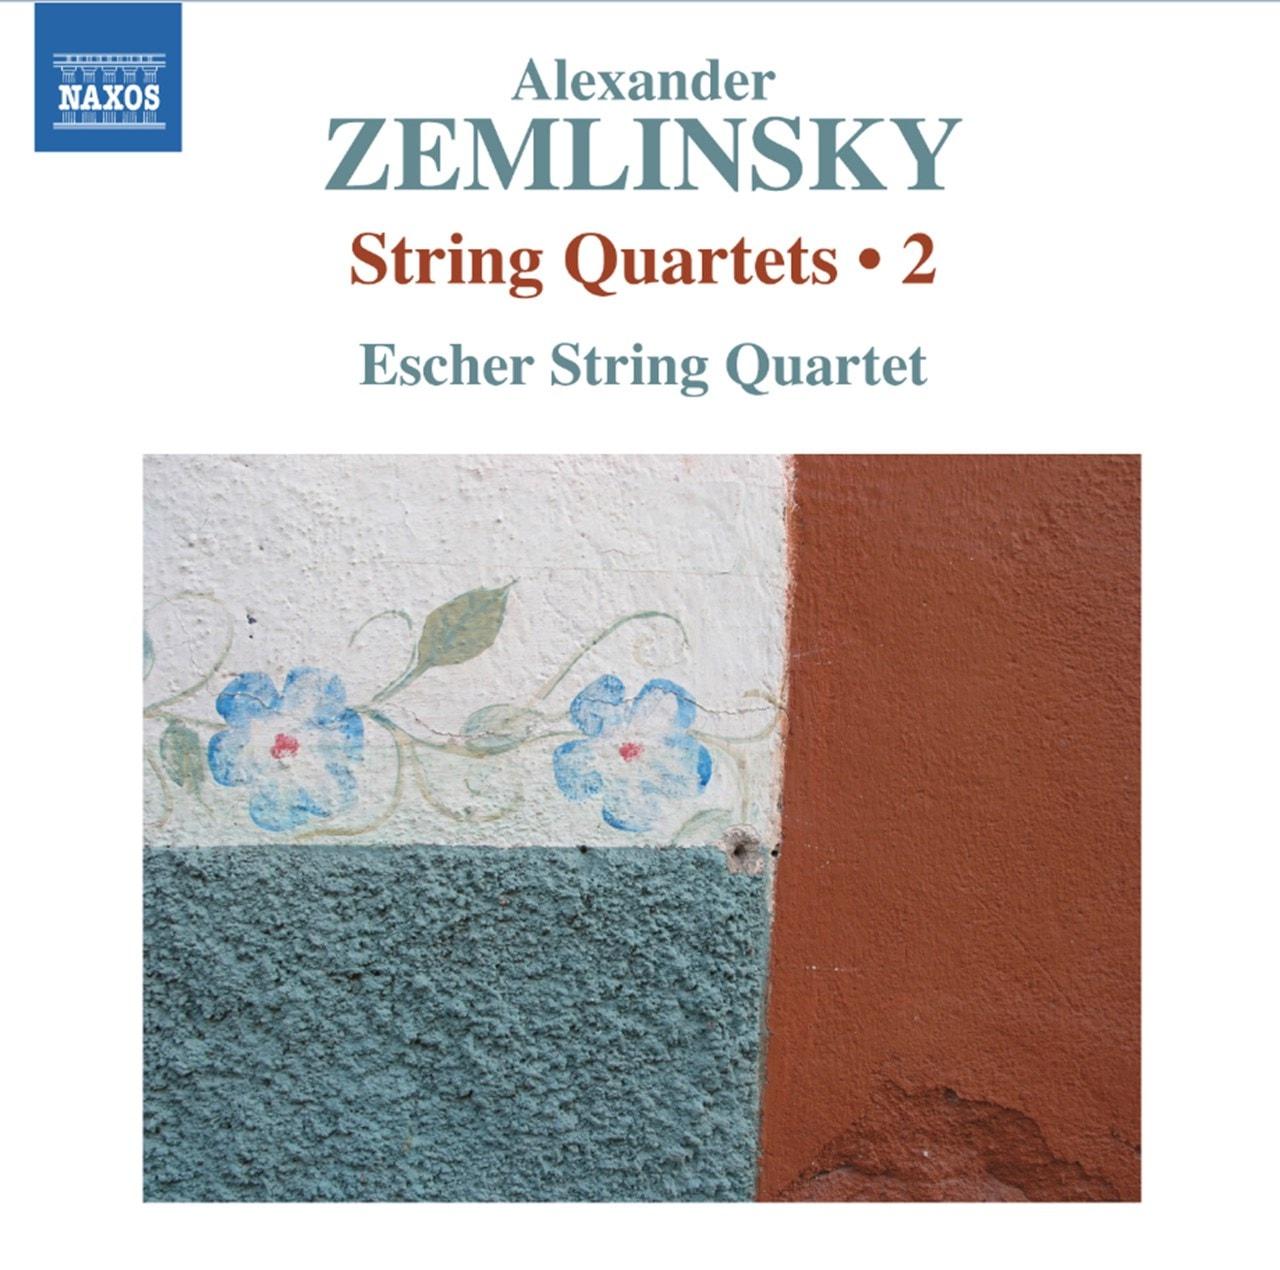 Alexander Zemlinsky: String Quartets - Volume 2 - 1